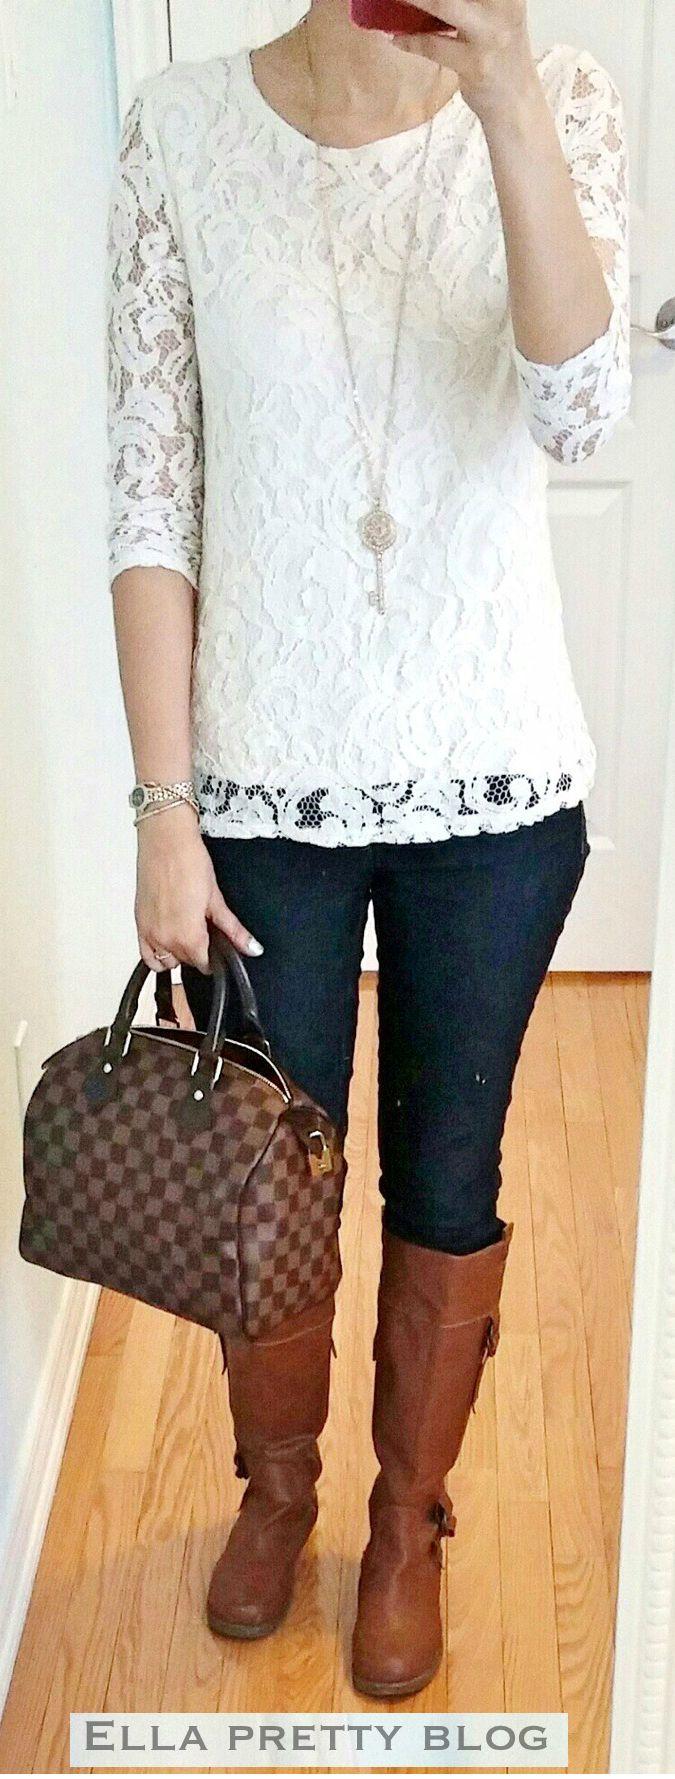 A Tale of Two Bags - Louis Vuitton Speedy 25 in Damier Ebene | Ella Pretty